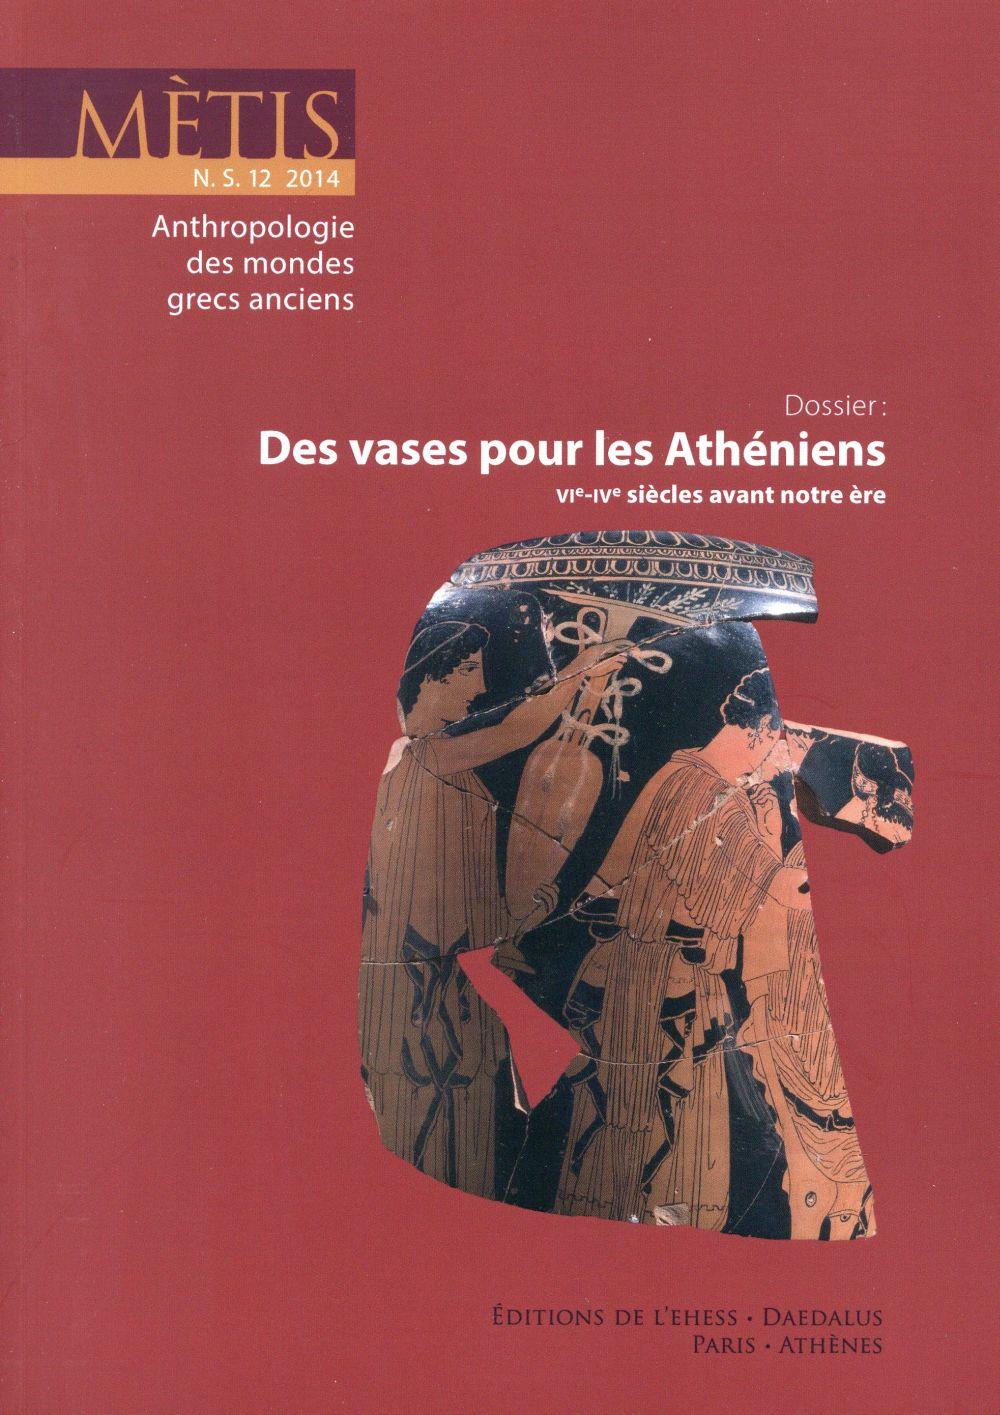 REVUE METIS  -  DES VASES POUR LES ATHENIENS (VIE-IVE SIECLE AVANT NOTRE ERE)